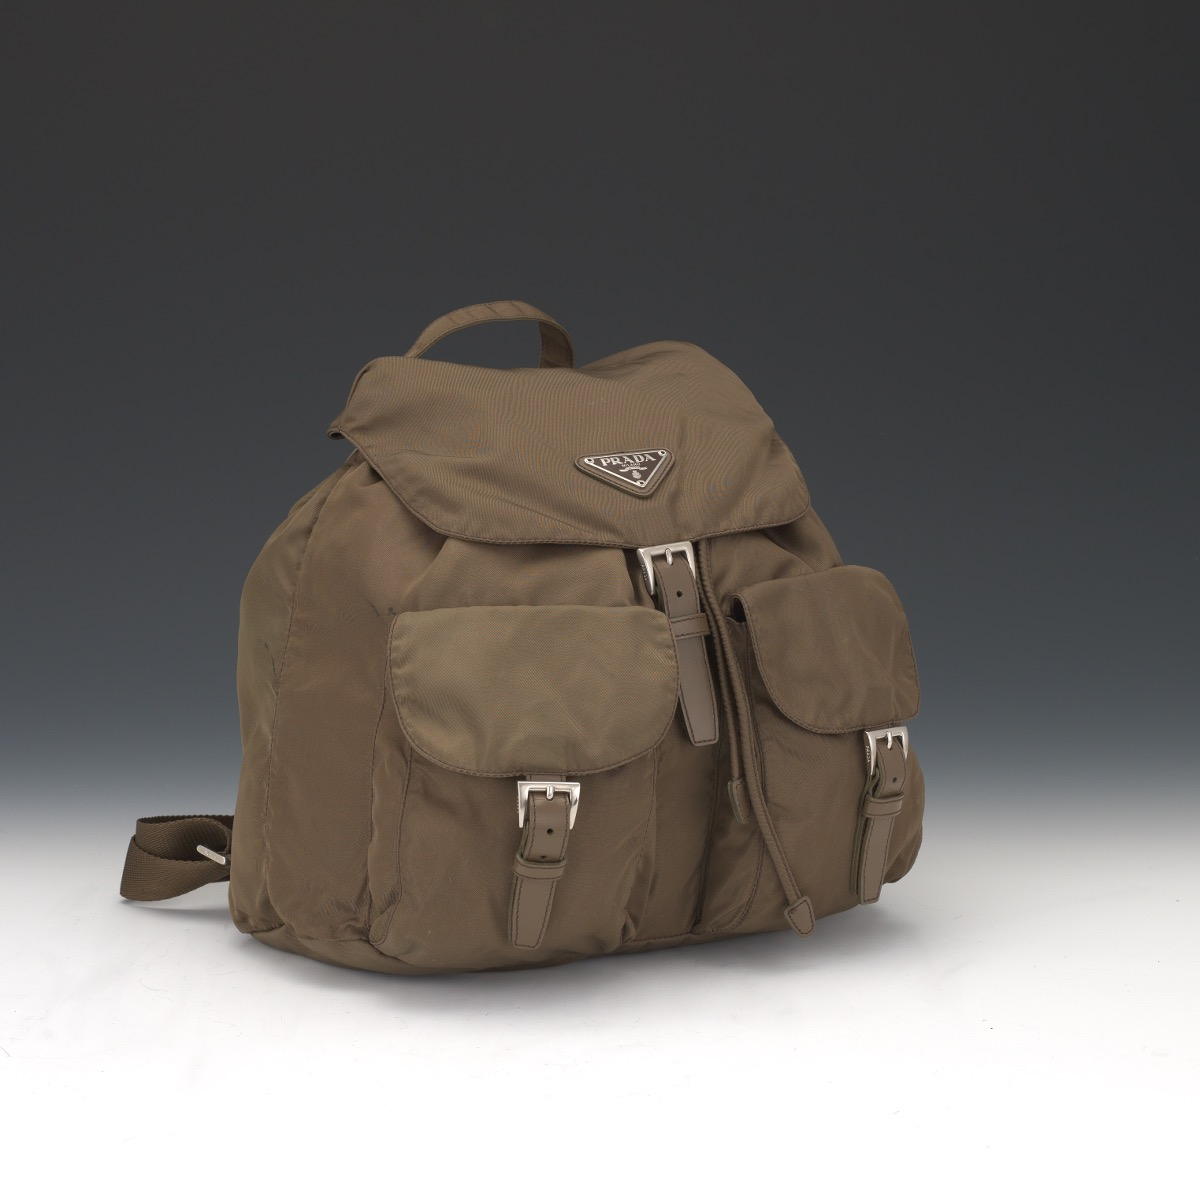 a7a110c04c9f Prada Vela Green Nylon Backpack, 10.29.16, Sold: $542.8